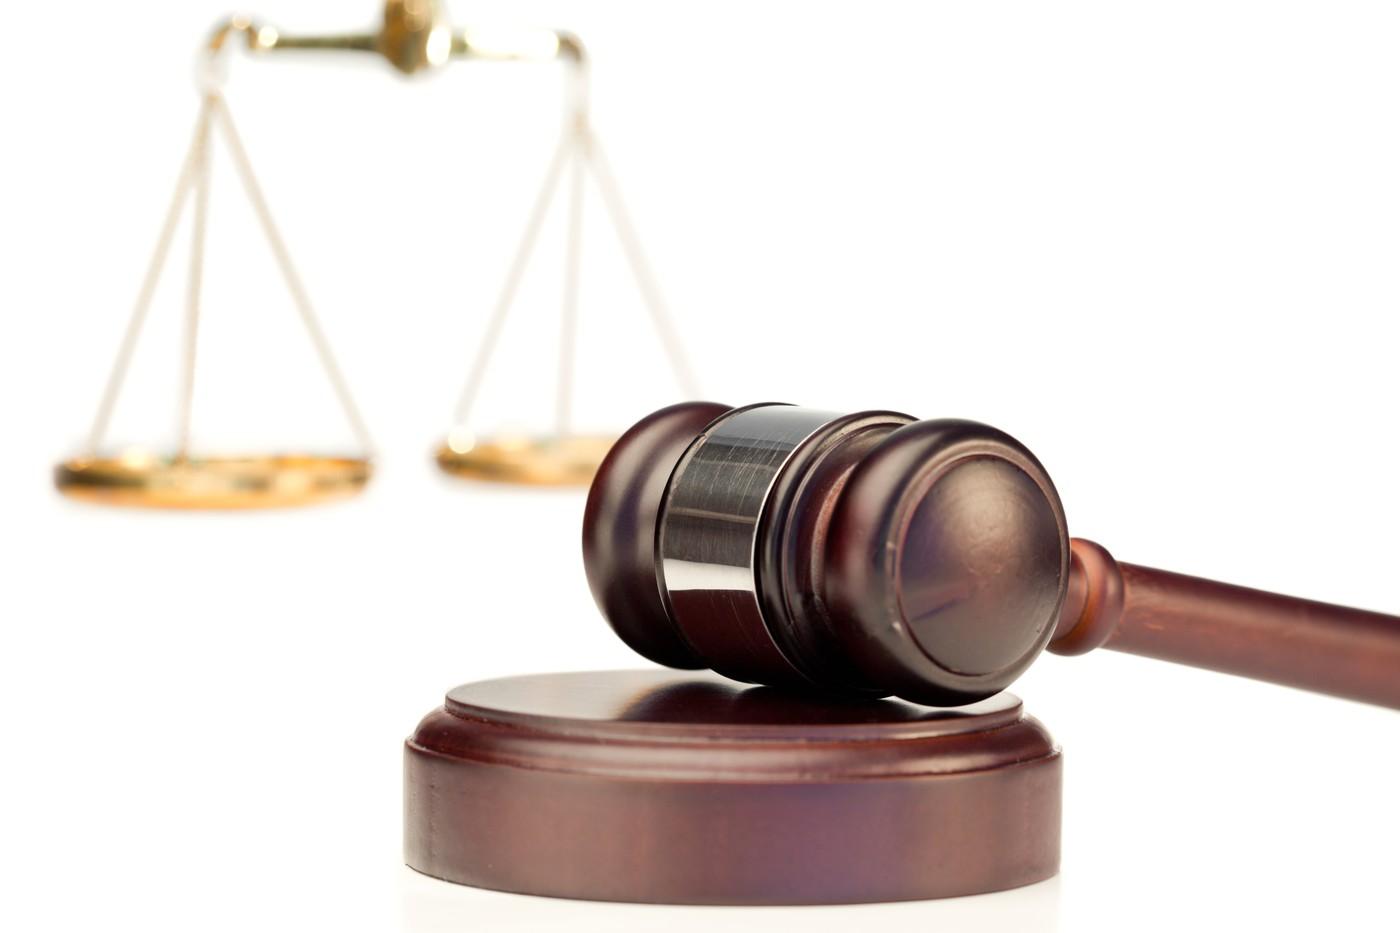 Specijalni sud pozvao na saslušanje Ramiza Ladrovcija